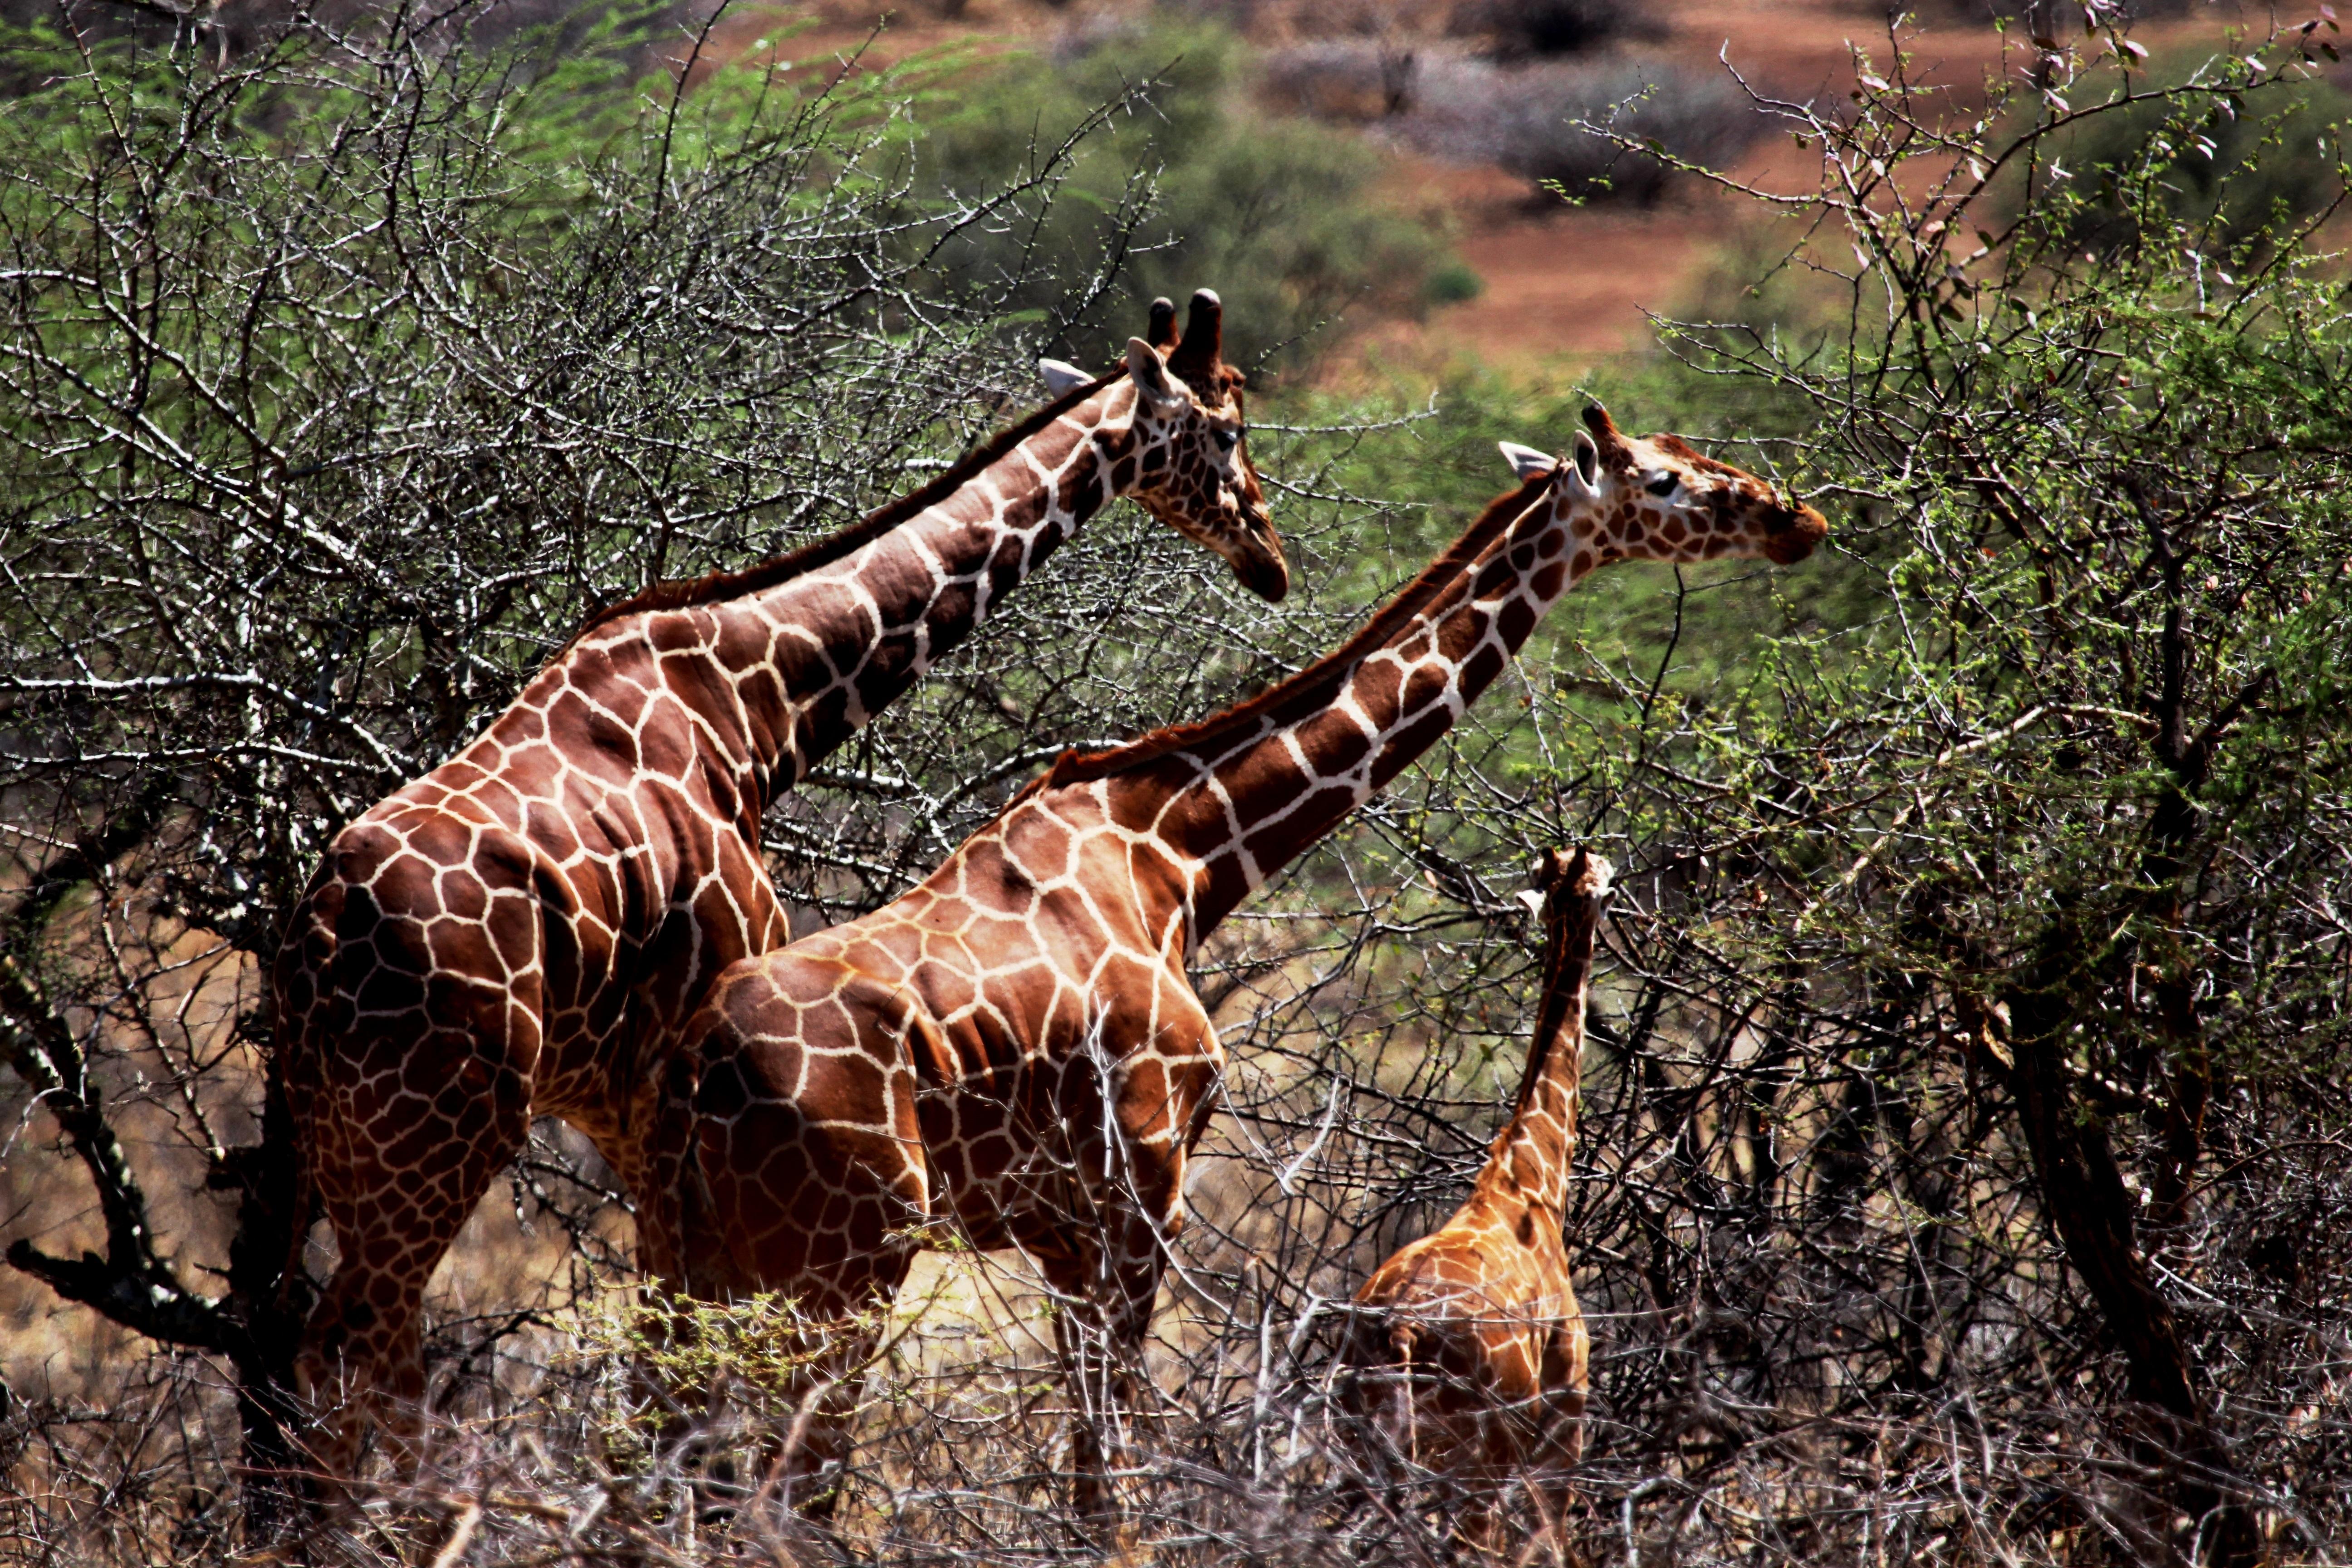 Giraffe in Buleqo Bulesa